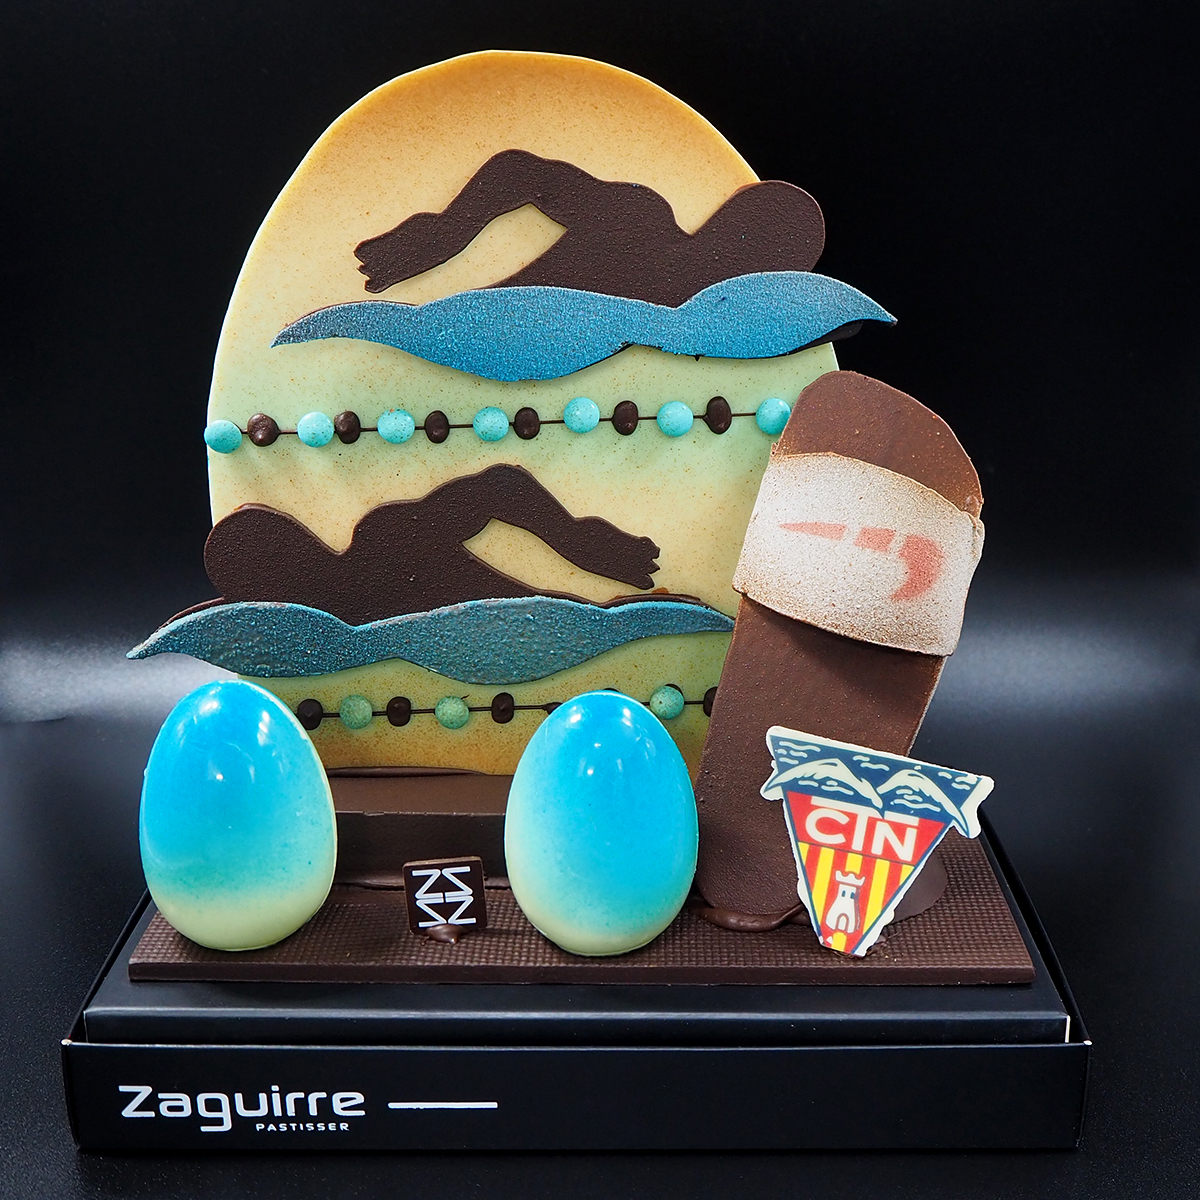 Mona de pascua de chocolate de natación con nadador y nadadora